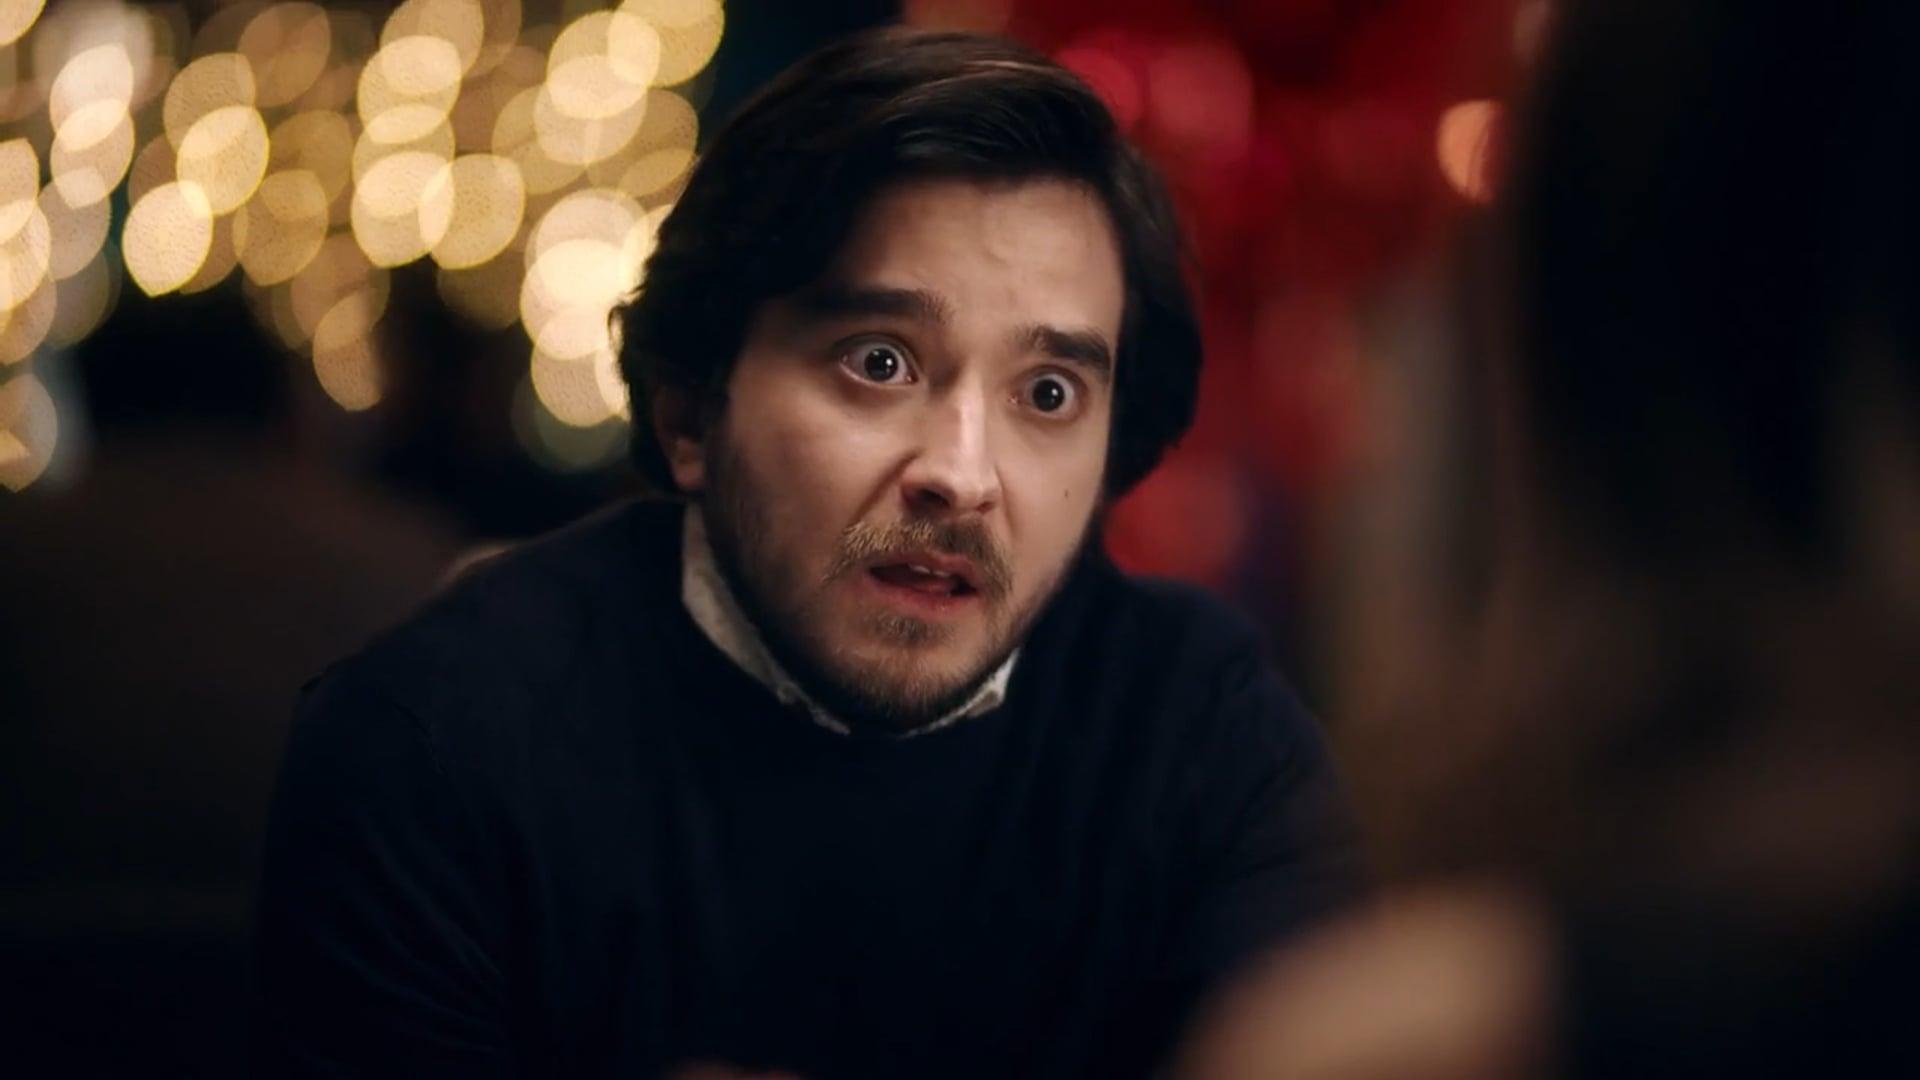 Tunay Sevinc-Samsung - Galaxy A -Valentines Day -director's cut